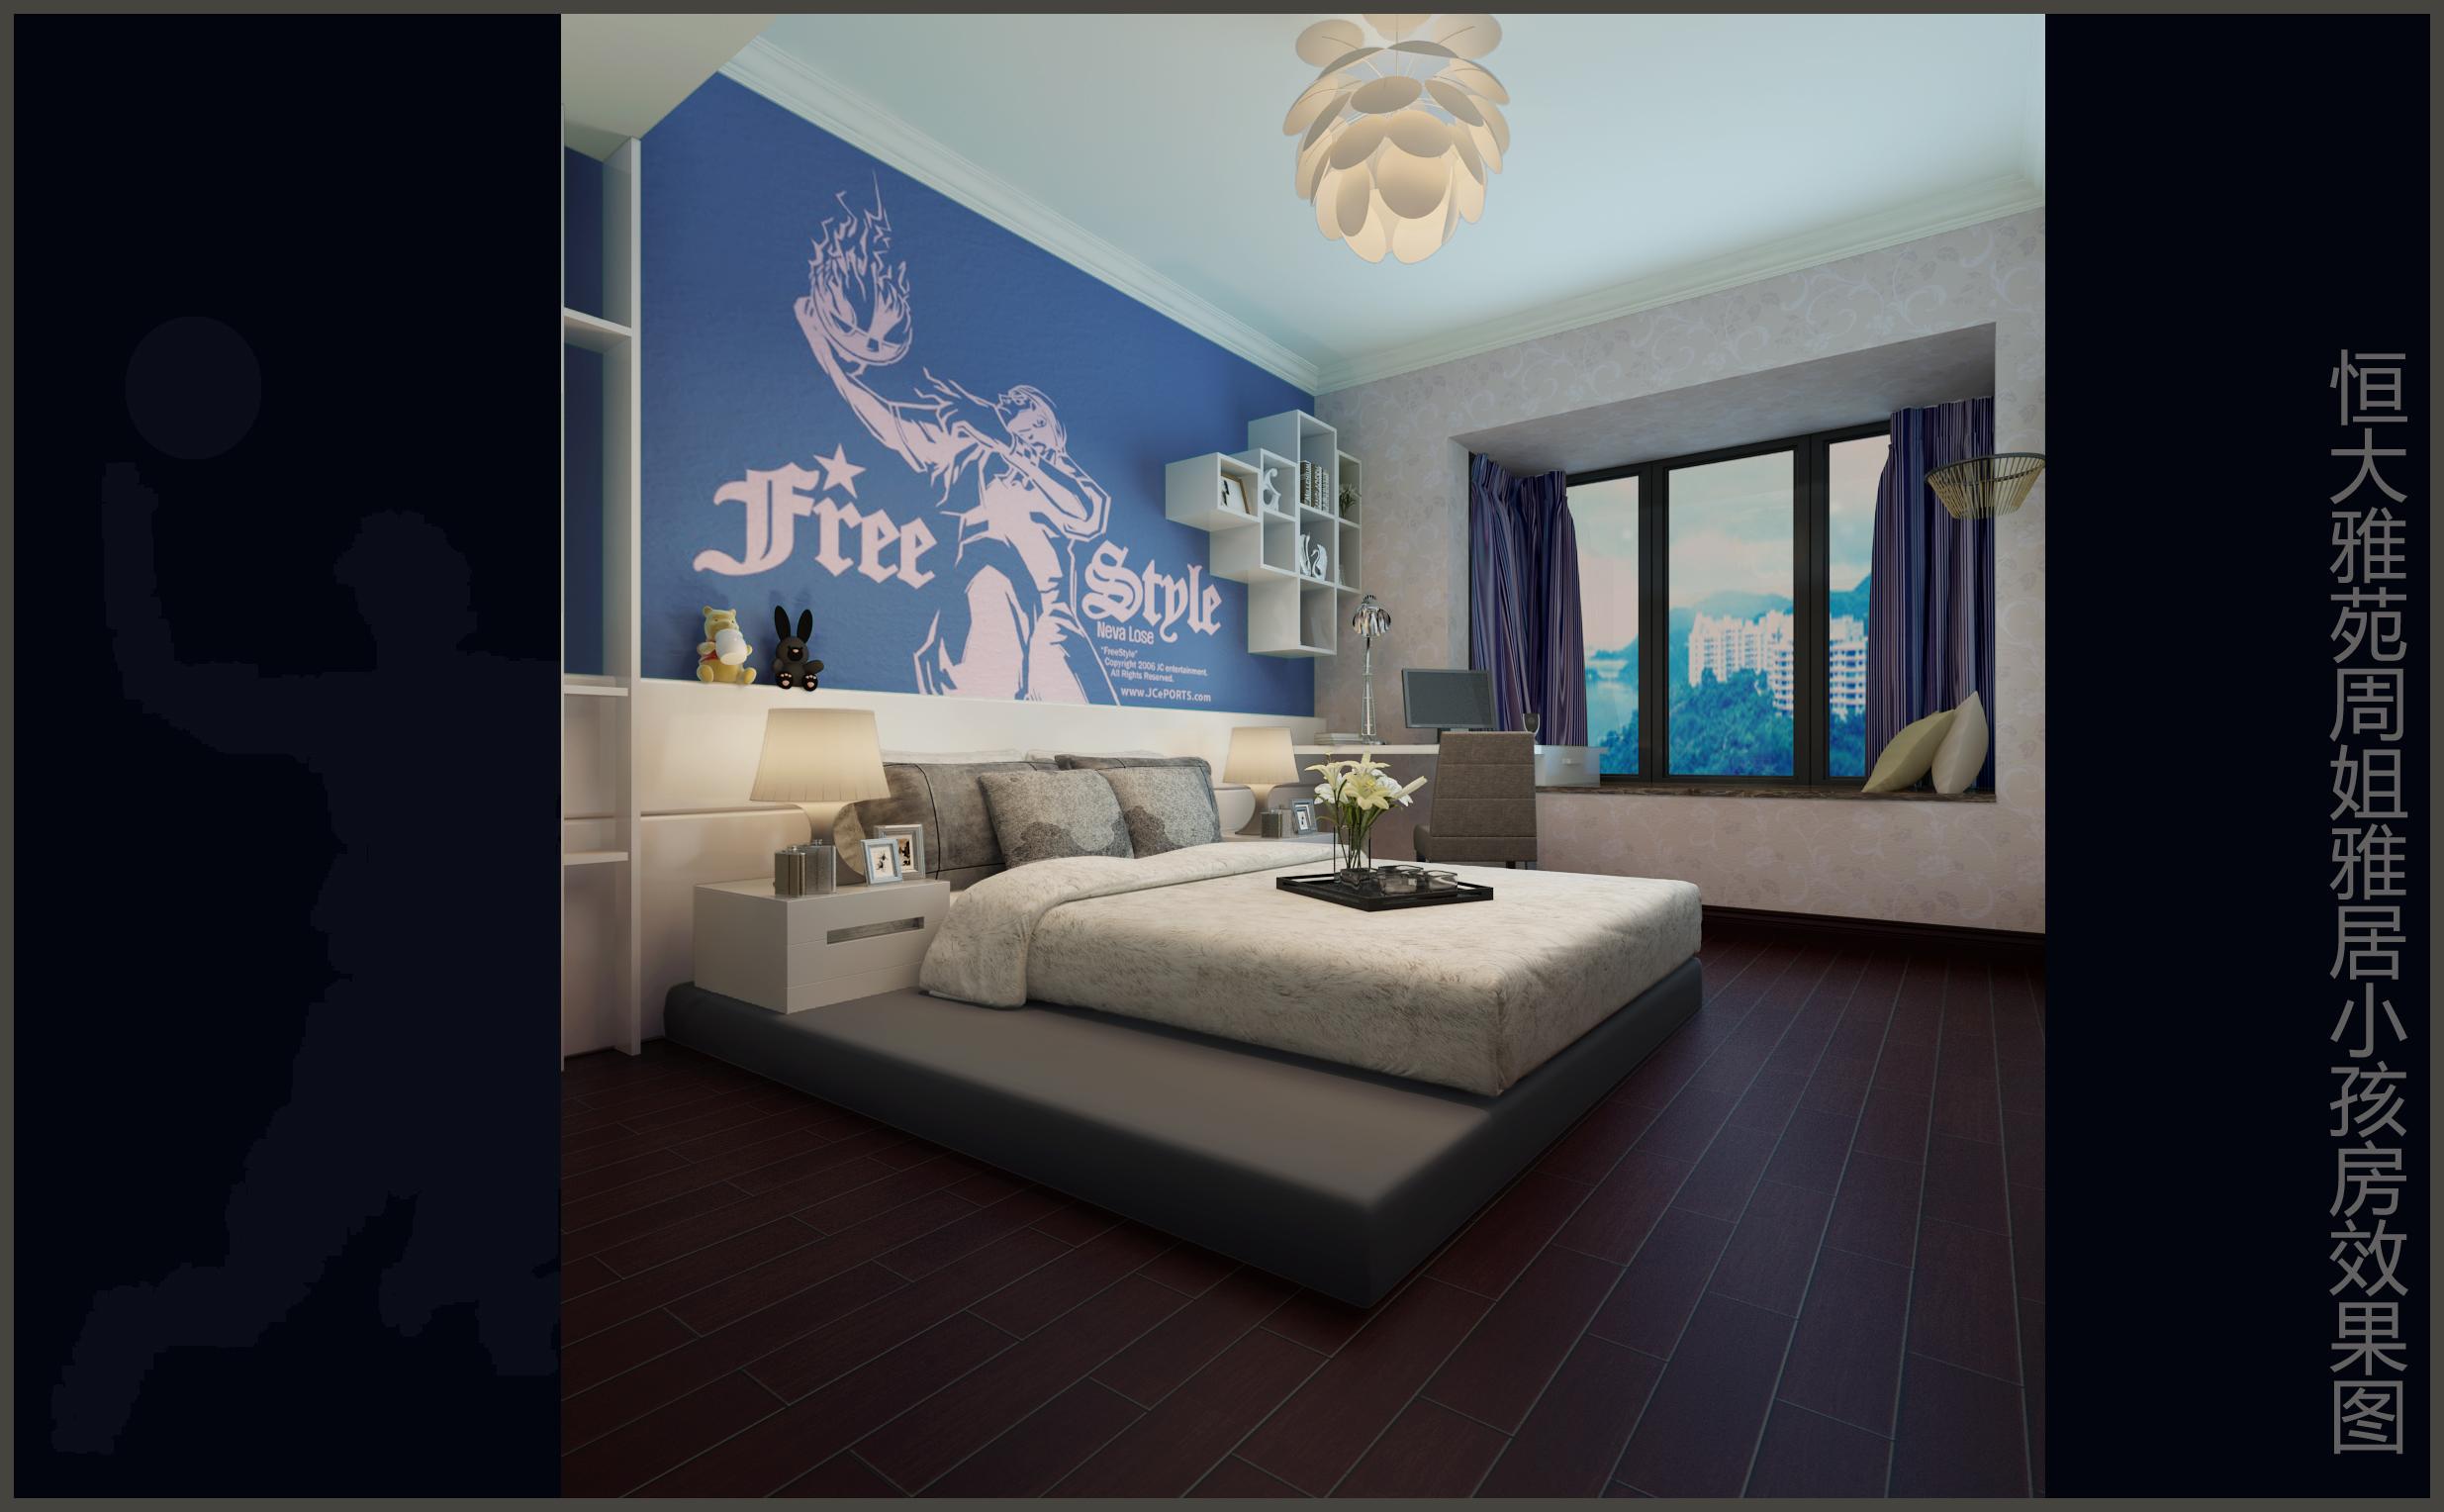 欧式 三居 卧室 客厅 旧房改造图片来自用户5017848653在恒大欧式的分享